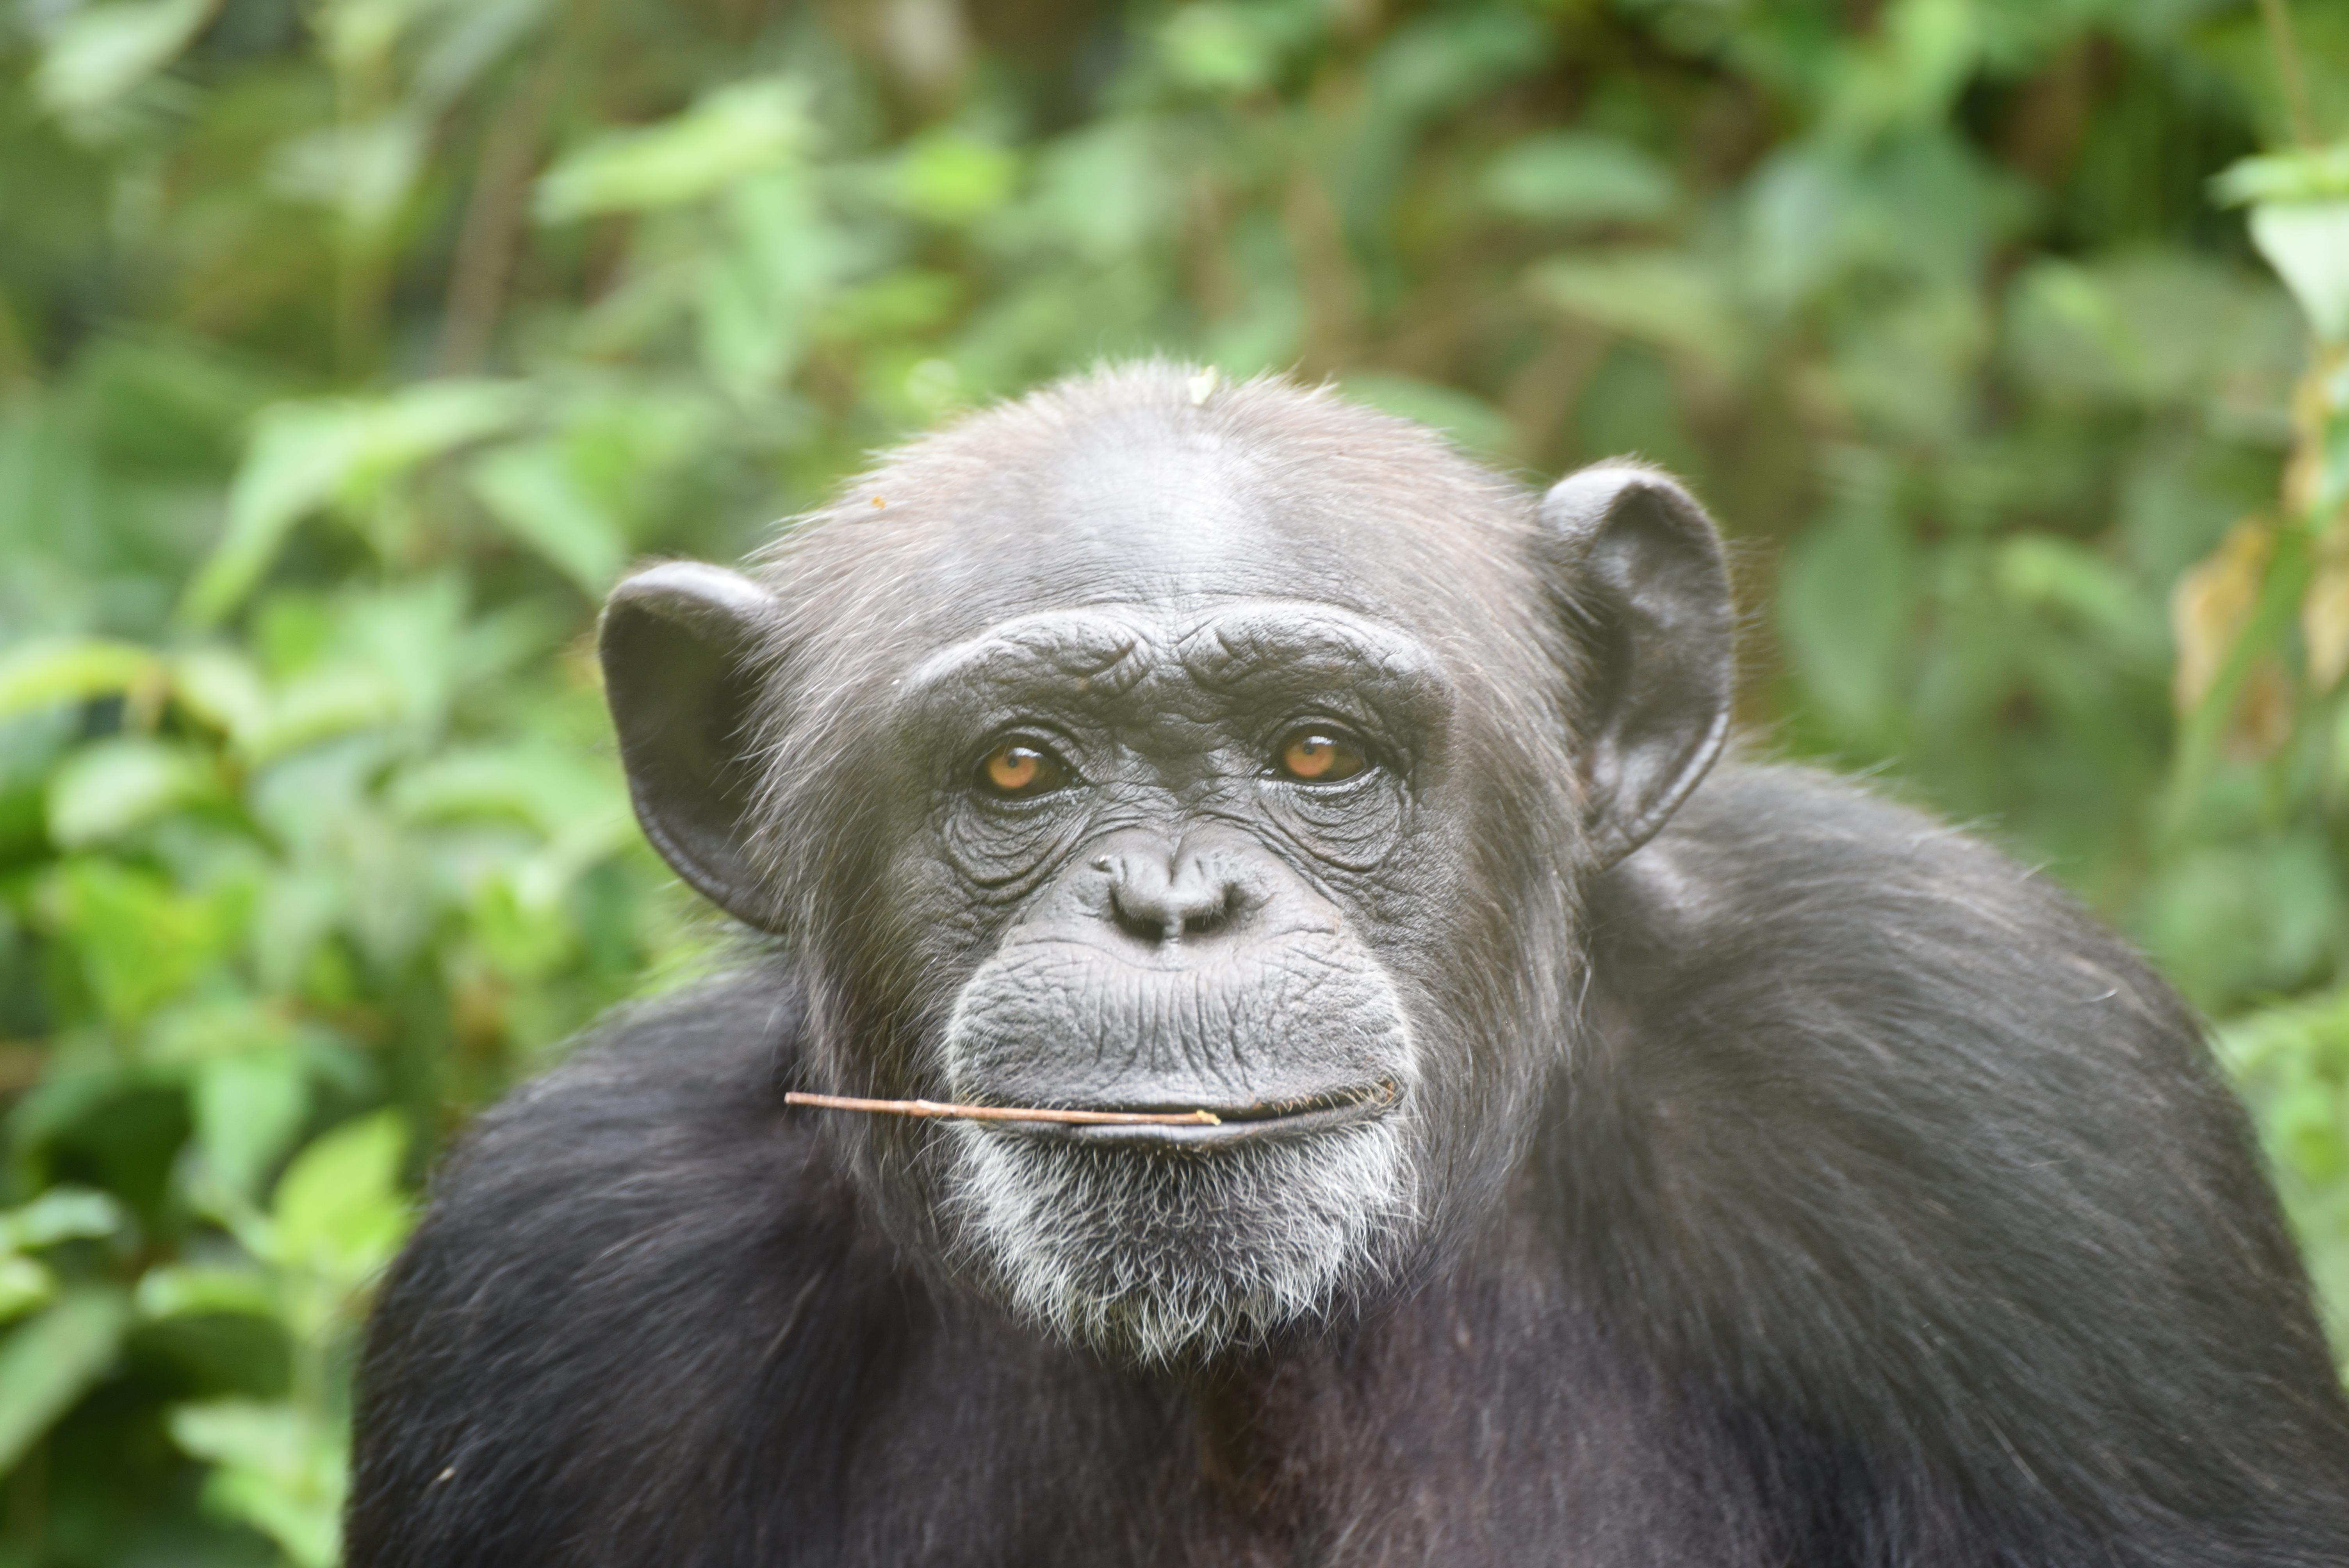 Tacugama, Sierra Leone – et afrikansk eksempel på naturbevarelse og lokal forståelse for naturen